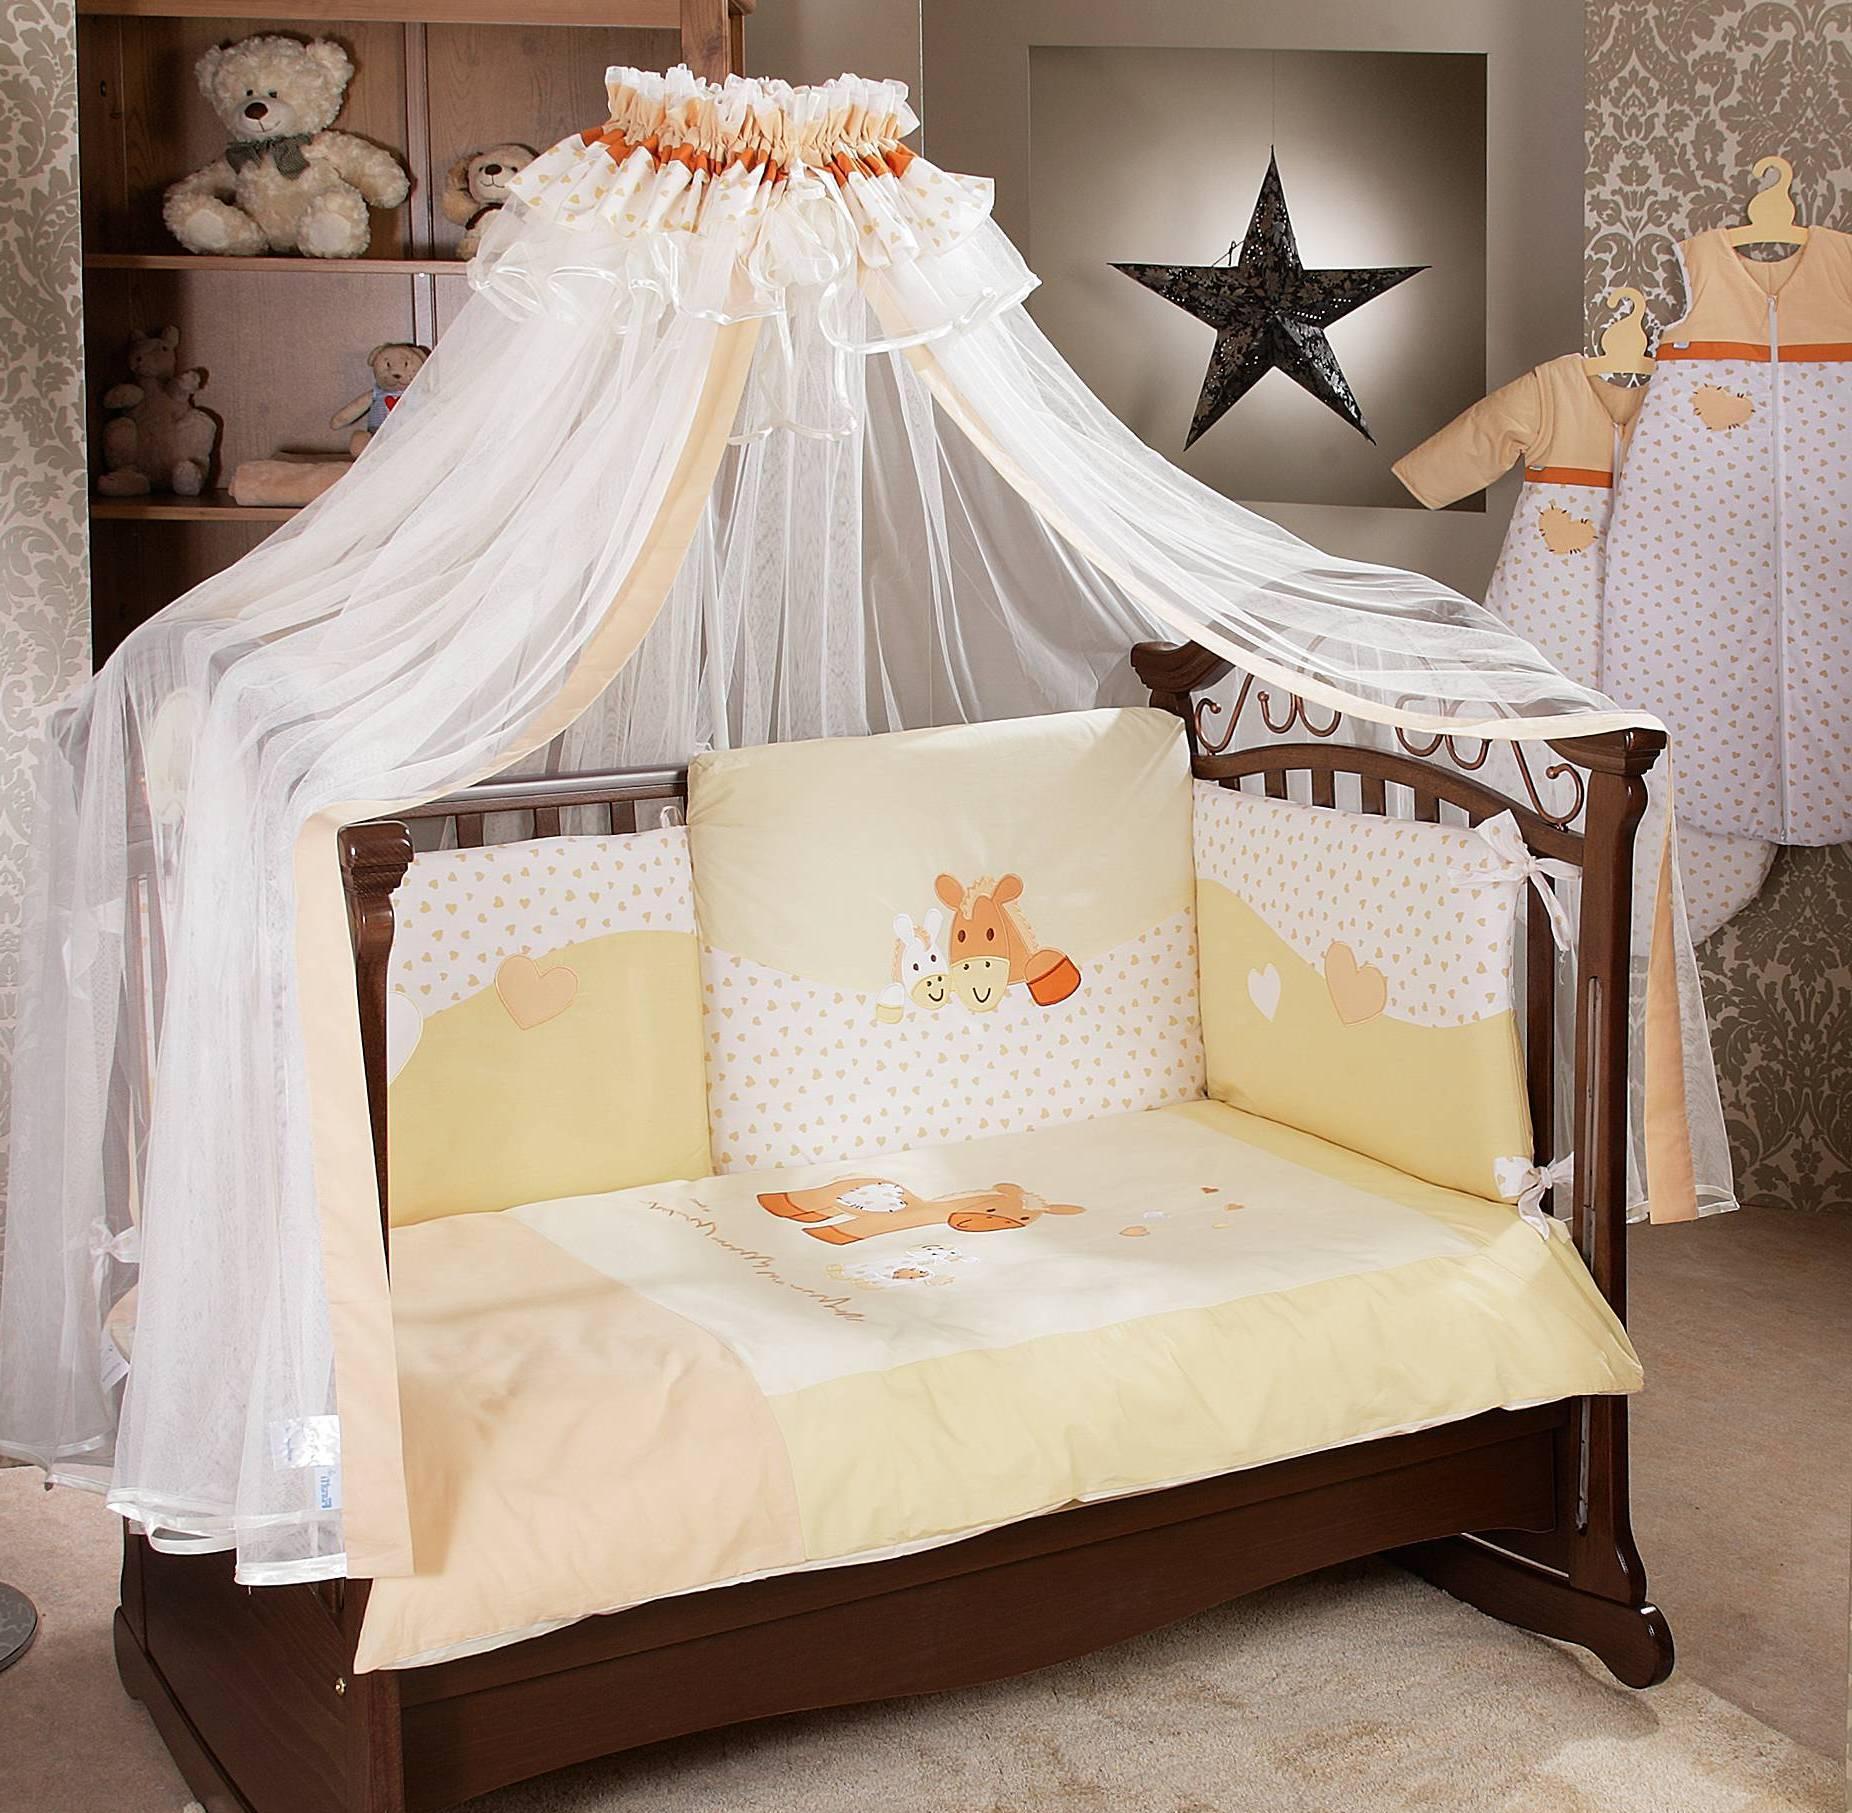 Красивый балдахин над детской кроваткой